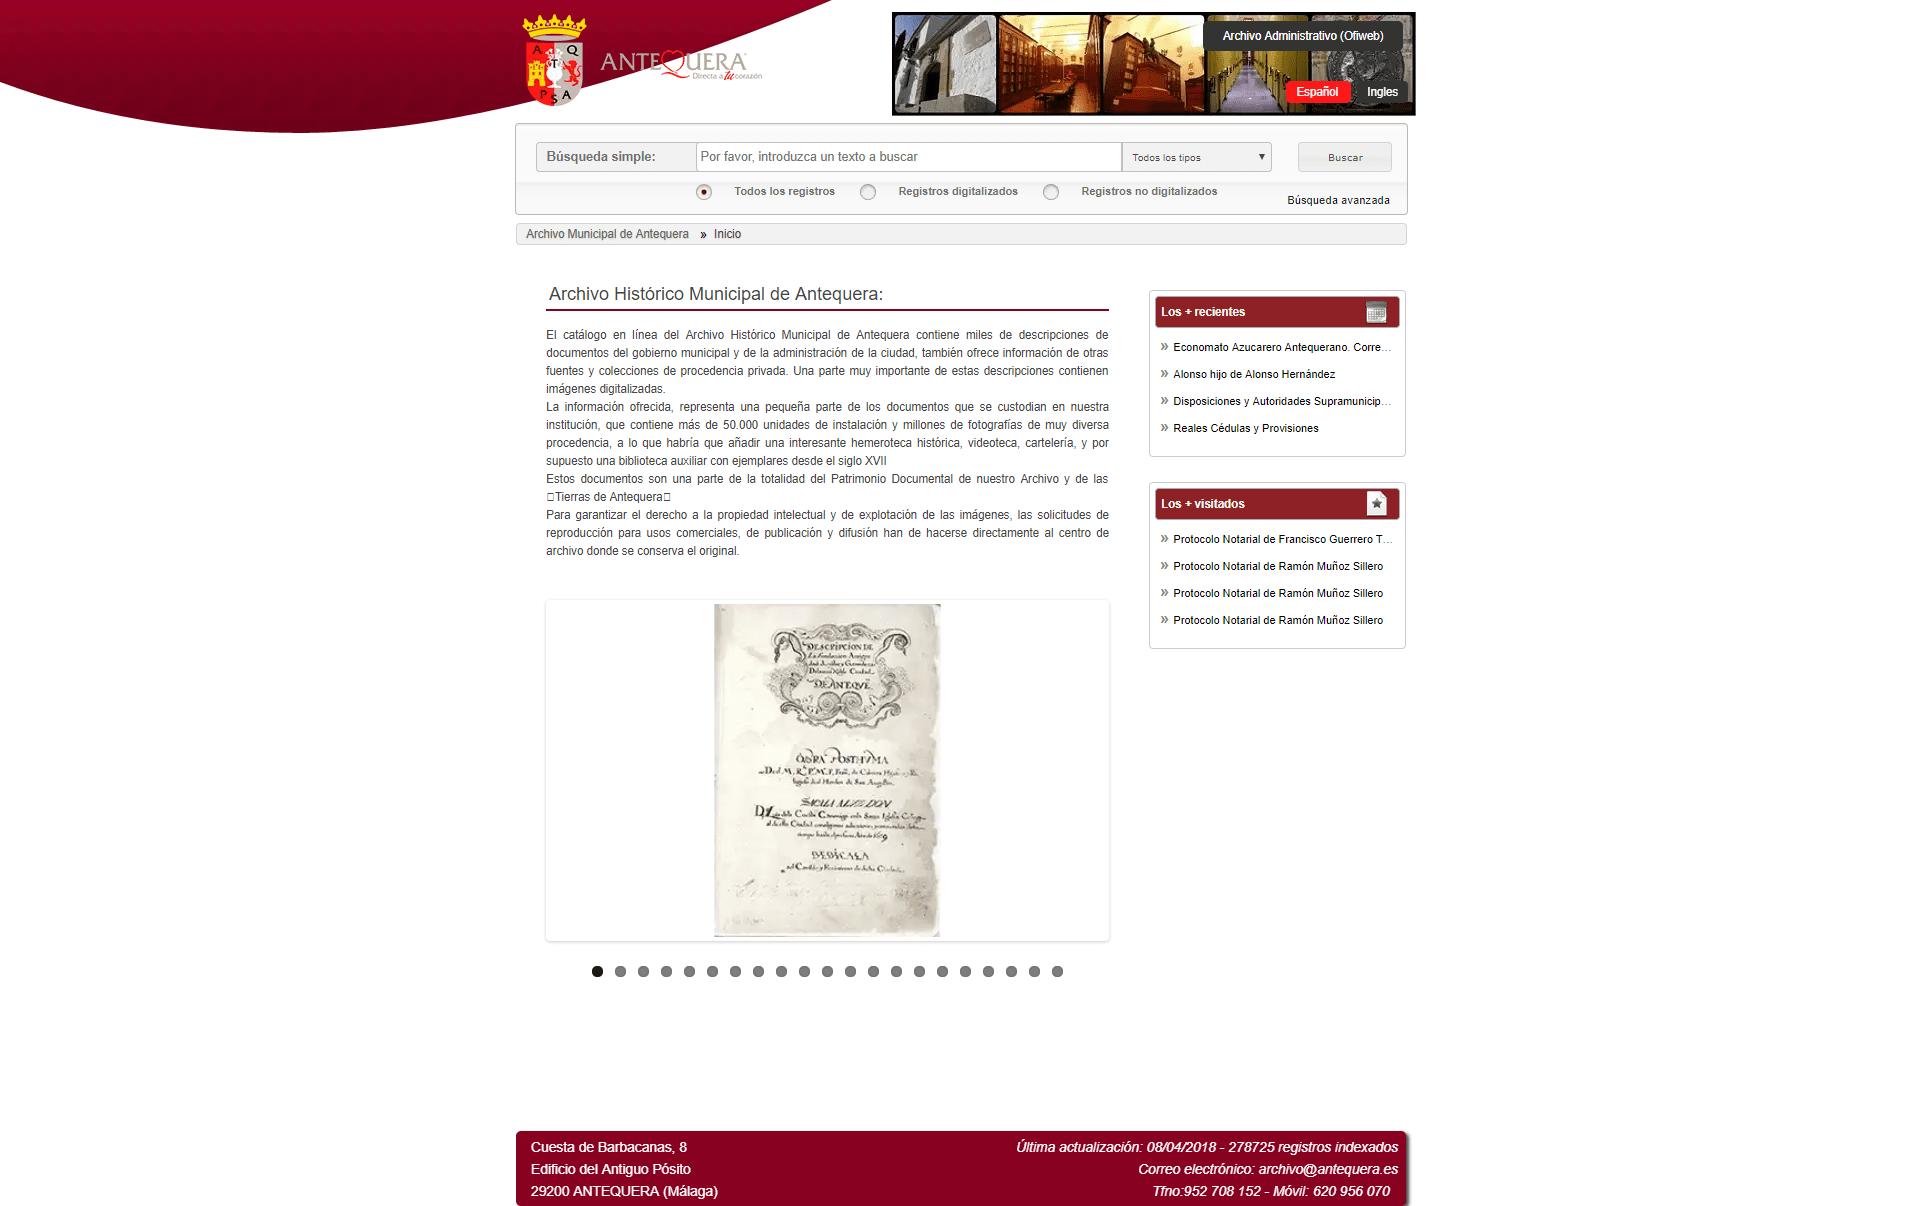 Archivo Histórico Municipal de Antequera